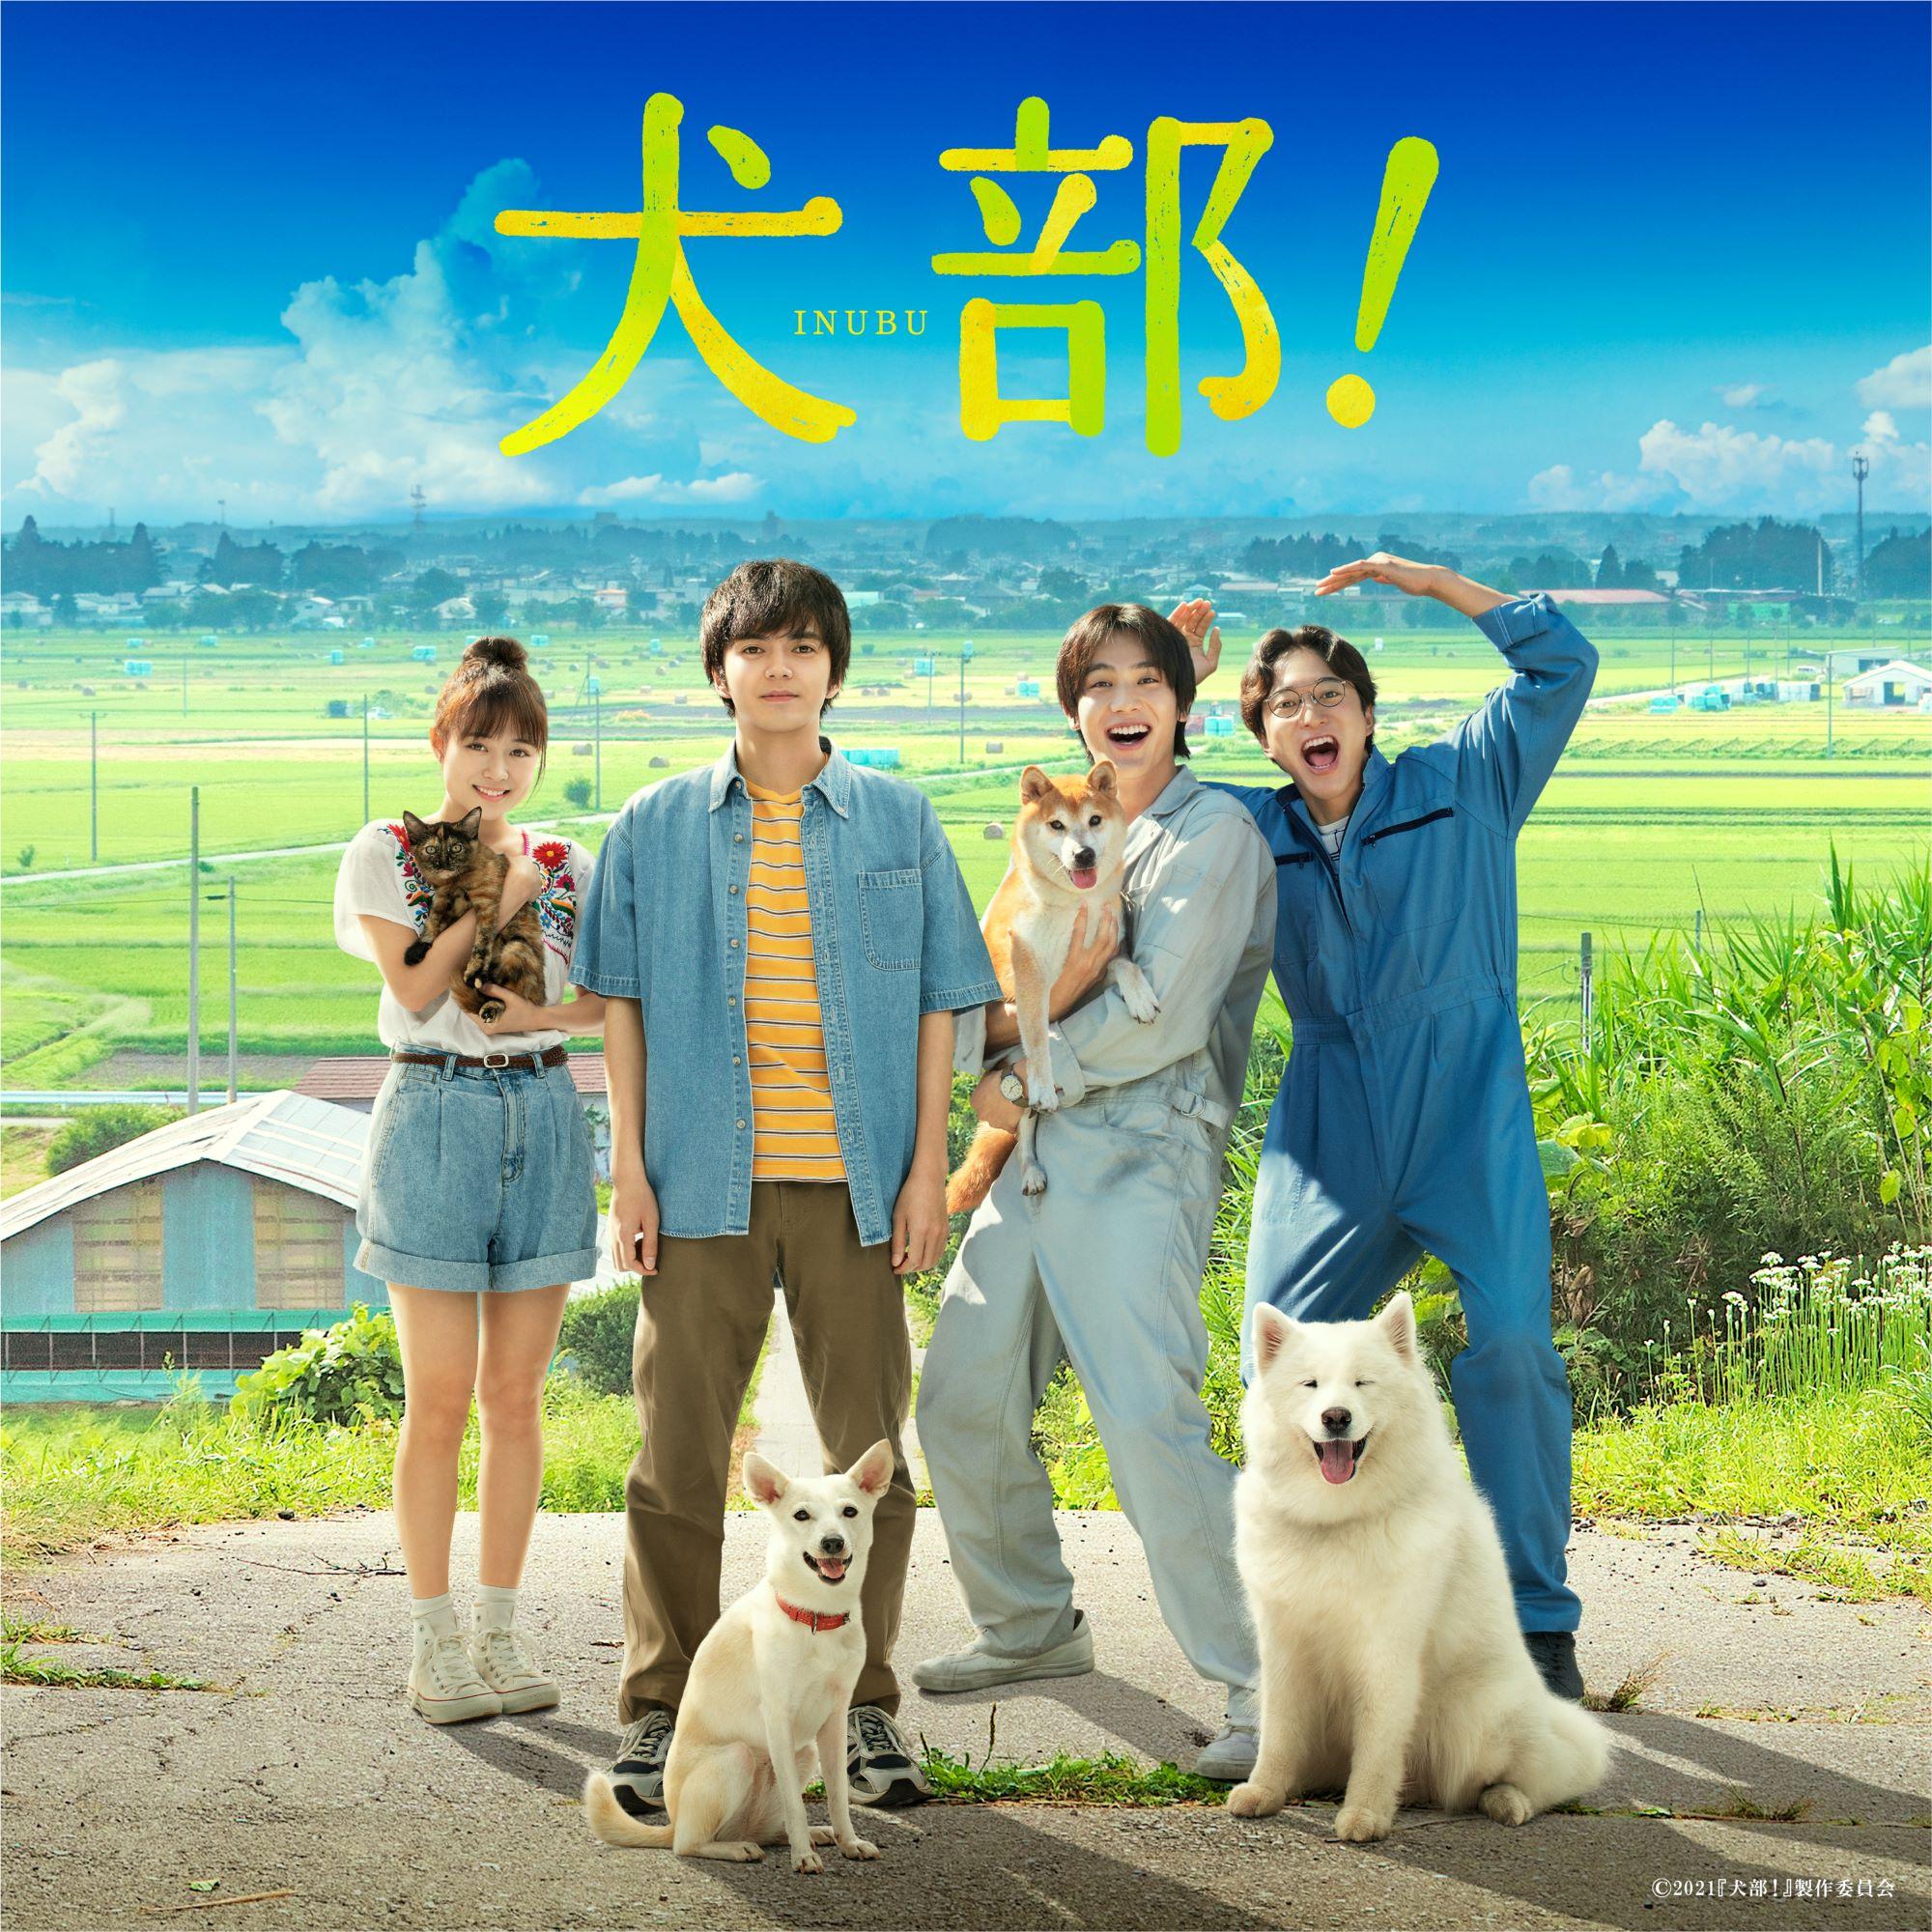 映画『犬部!』オリジナル・サウンドトラックが7月21日(水)より全世界配信開始!